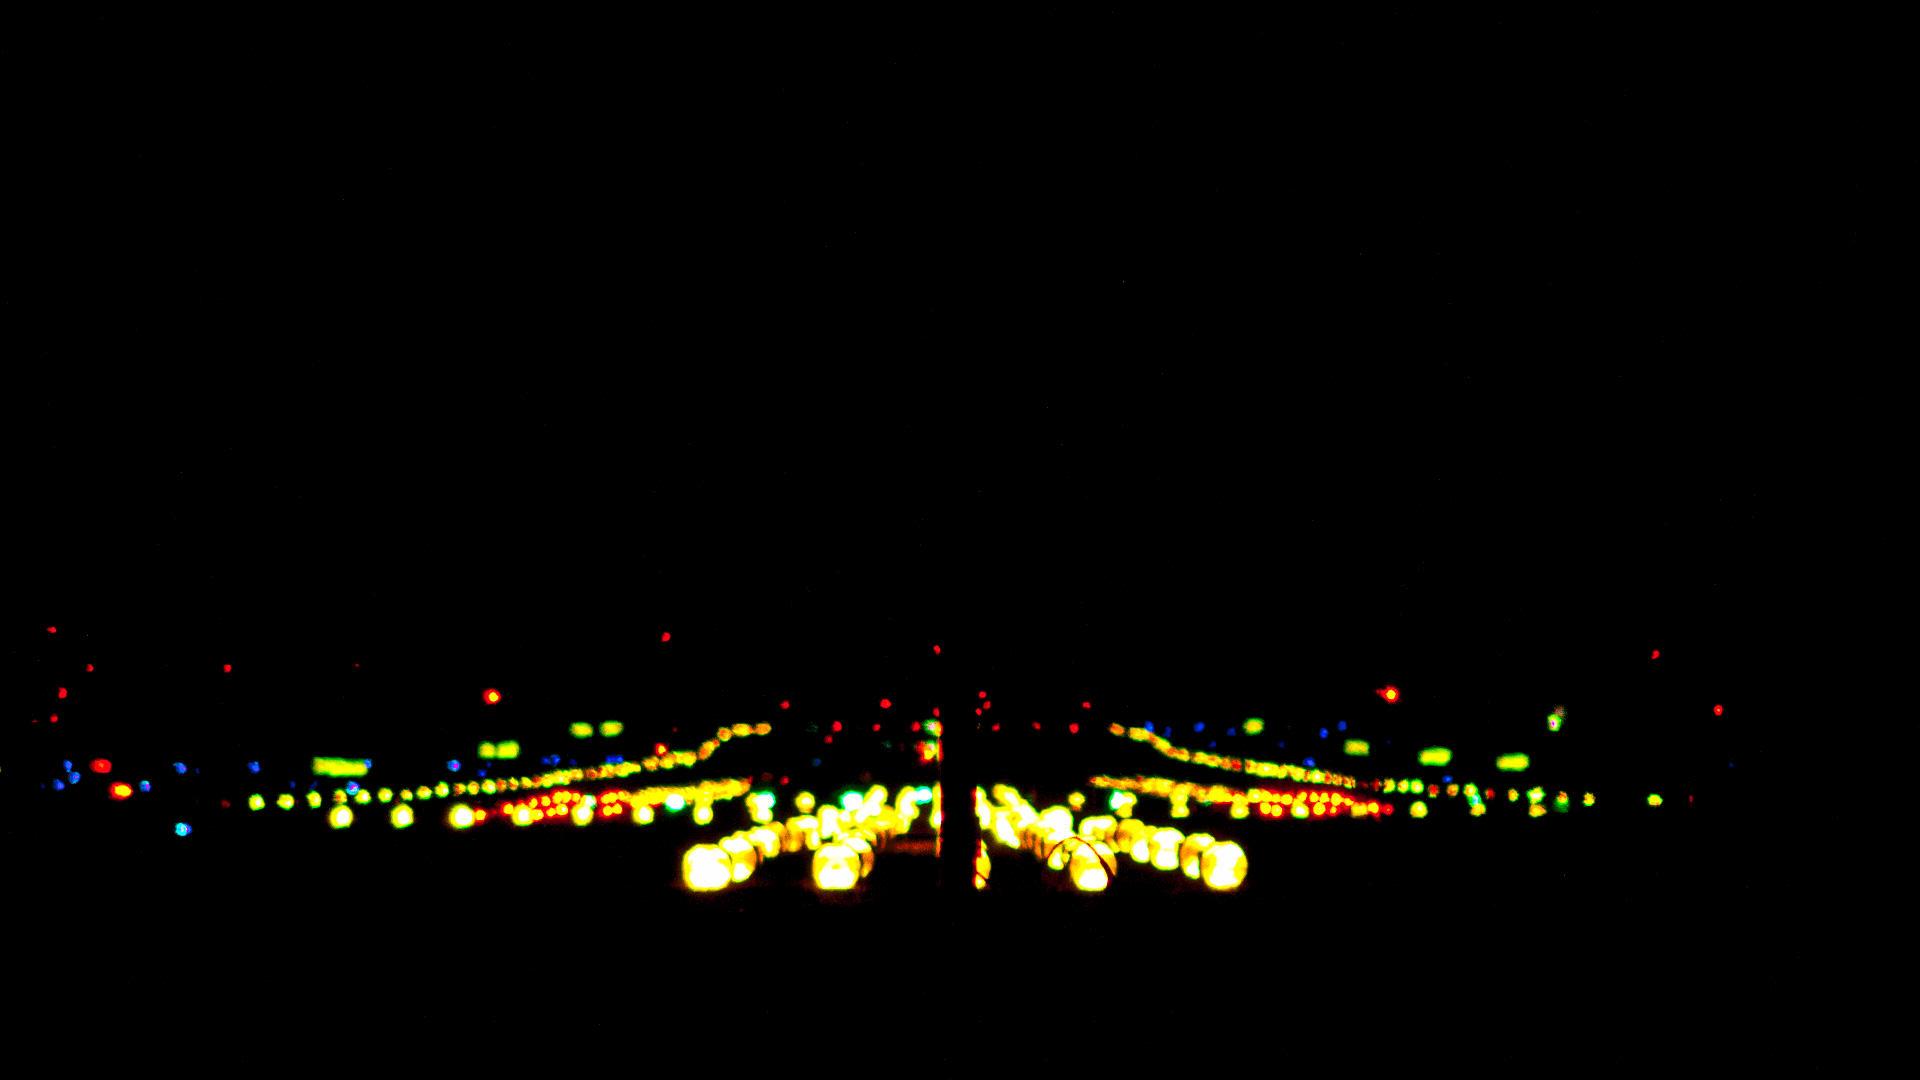 Landebahn bei Nacht